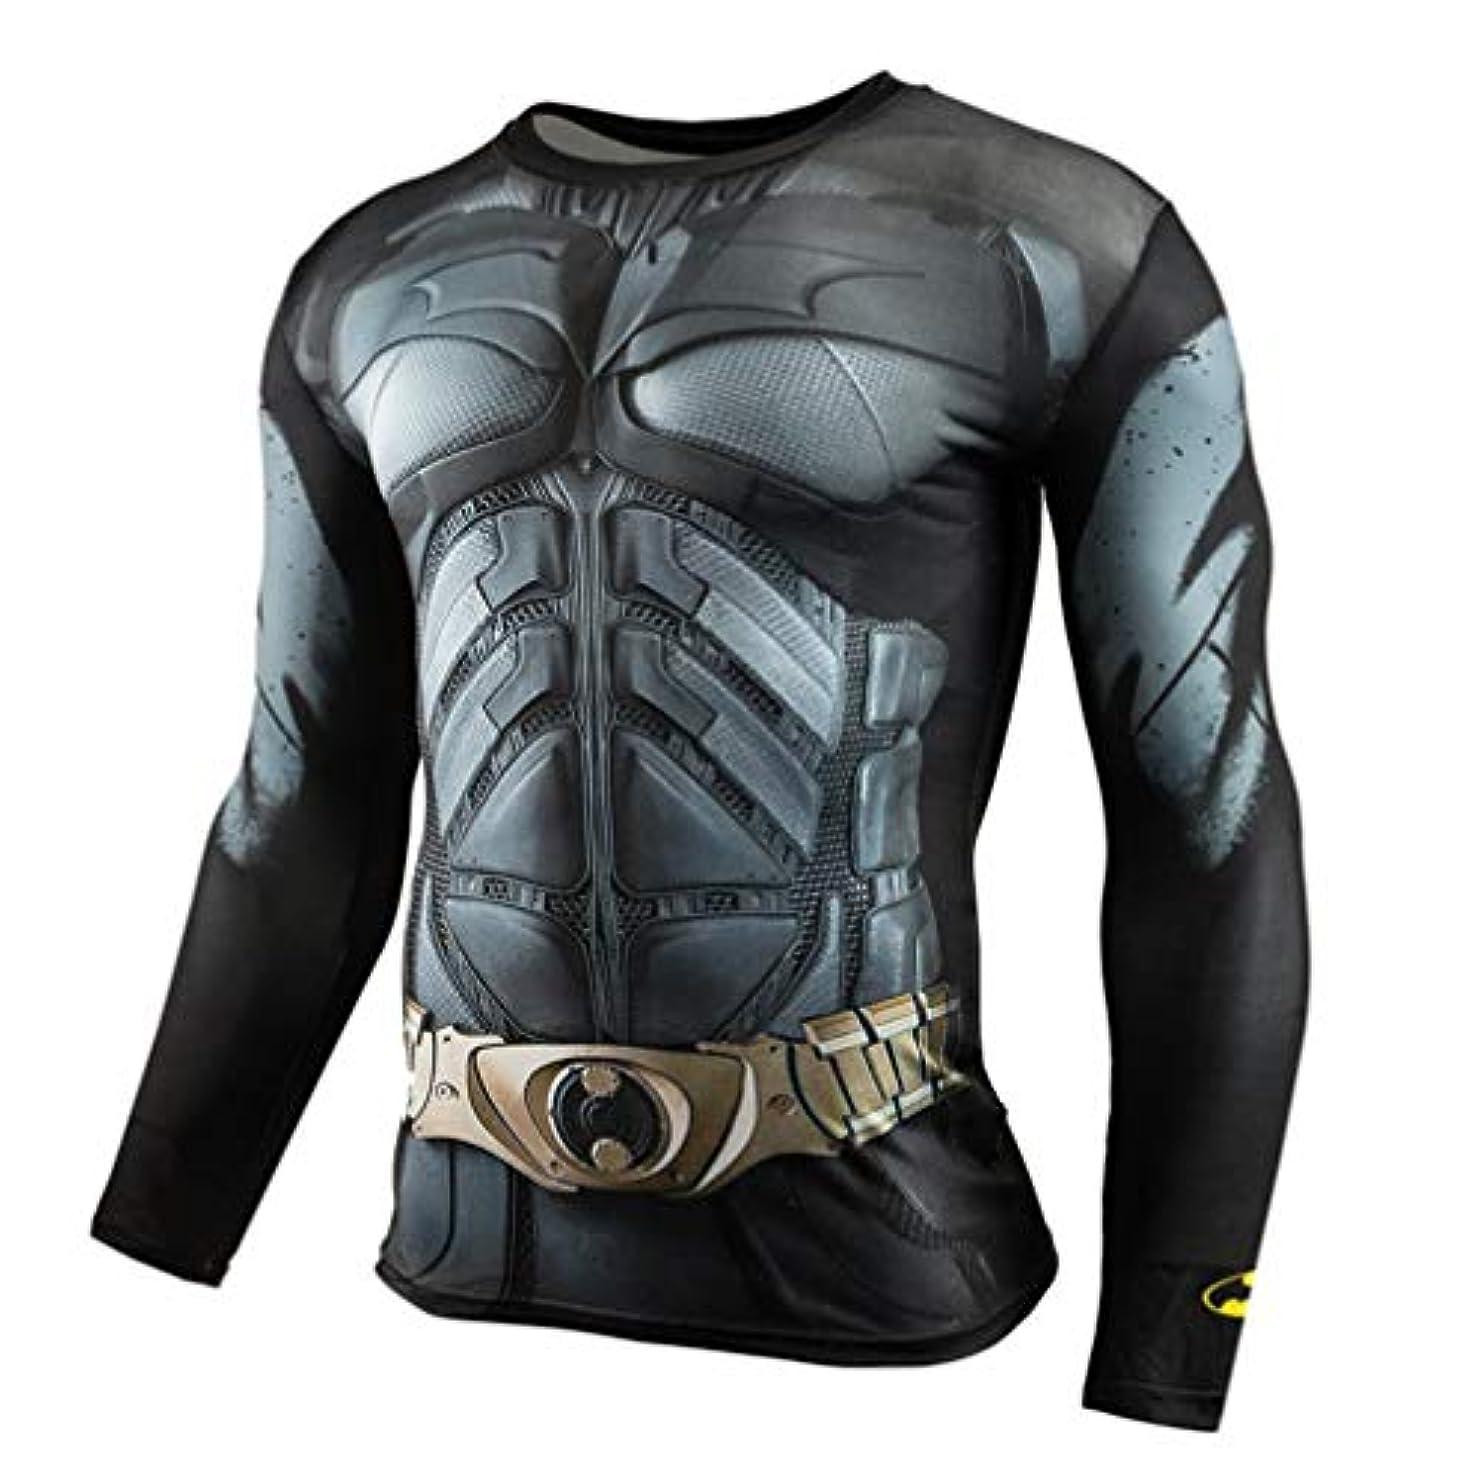 眠いです代数図書館メンズ Tシャツ 長袖 Batmanデジタル印刷運動 吸汗速乾 オールシーズン コンプレッションウェア パワーストレッチ アンダーウェア